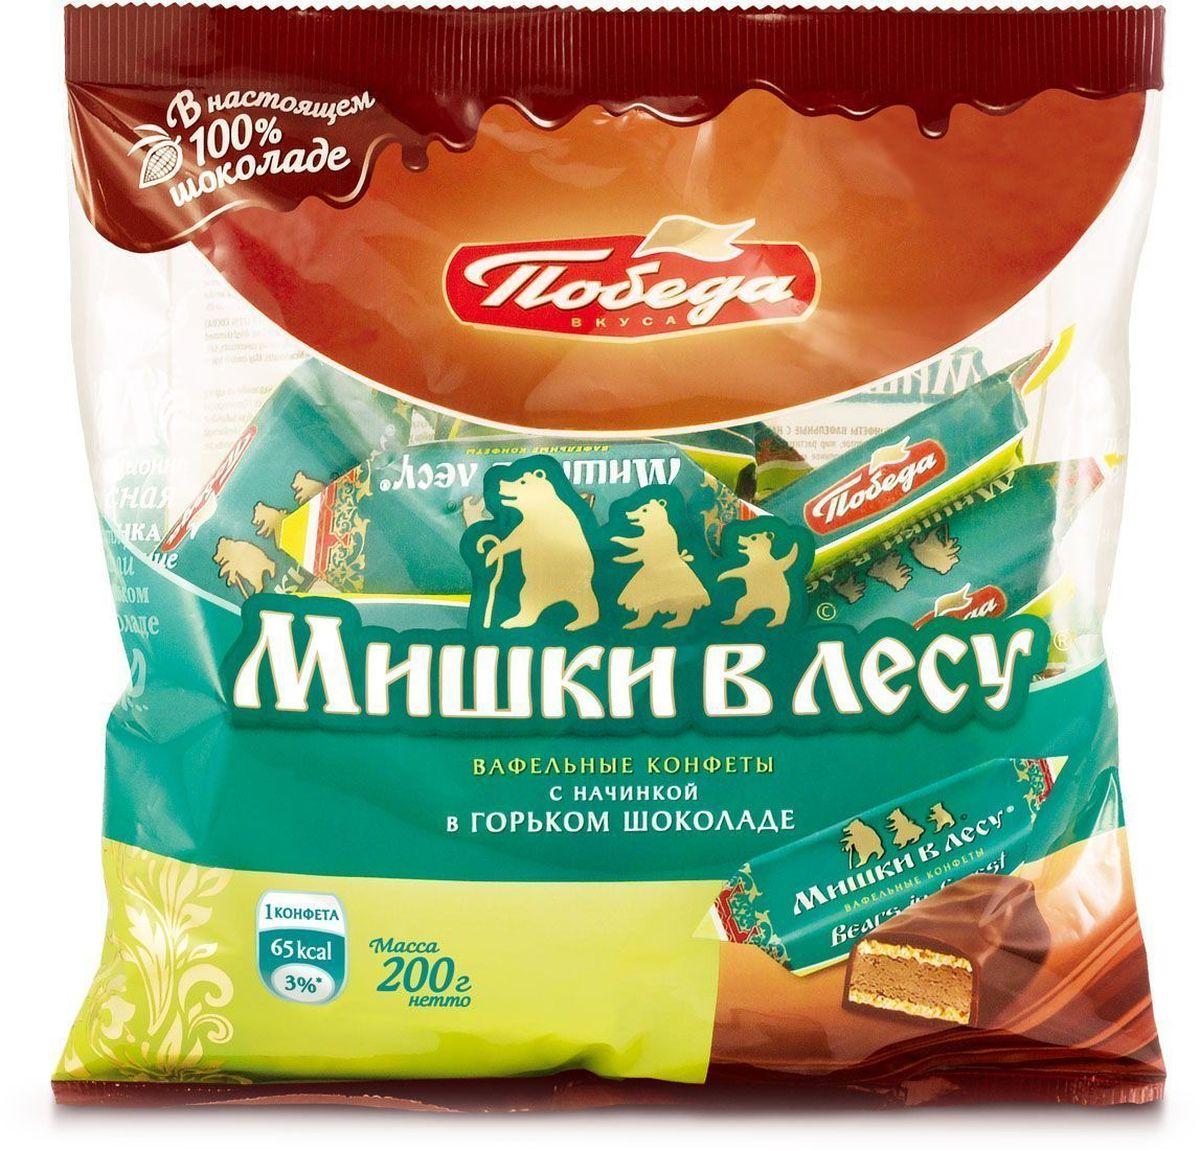 Победа вкуса Мишки в лесу вафельные конфеты с начинкой в горьком шоколаде 72%, 200 гРФ05481Мягкая молочно-шоколадная начинка с хрустящей вафлей и карамелью в горьком шоколаде 72%. Новое прочтение традиционной рецептуры раскрывает богатство композиции и придает оригинальность вкусовым оттенкам.